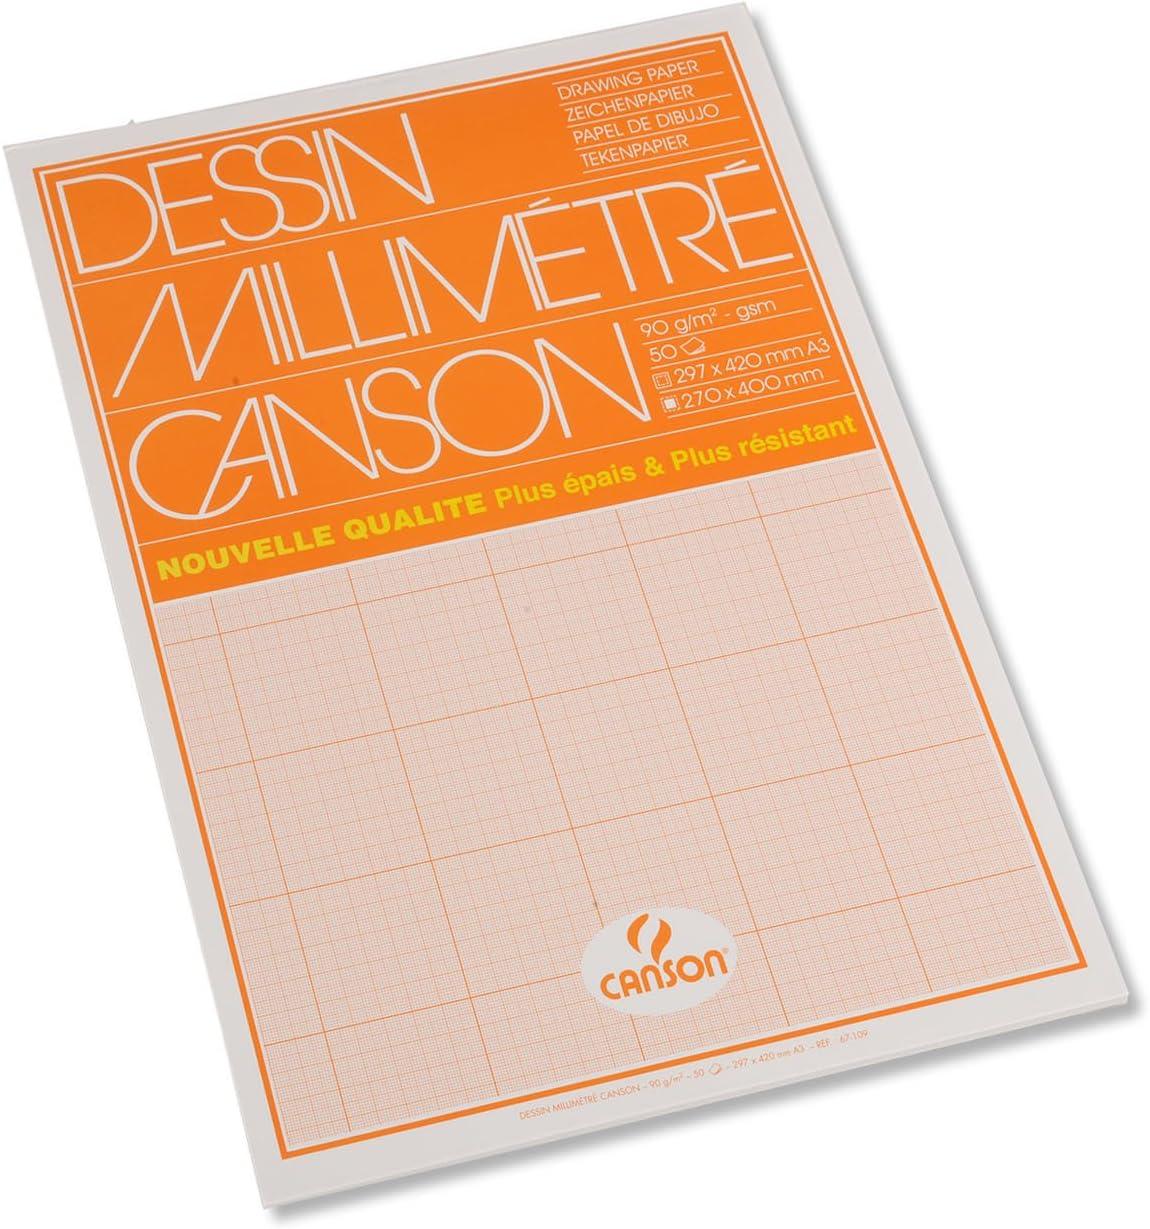 Canson Dessin Millimetre Papier A Dessin A3 29 7 X 42 Cm Bistre Amazon Fr Fournitures De Bureau